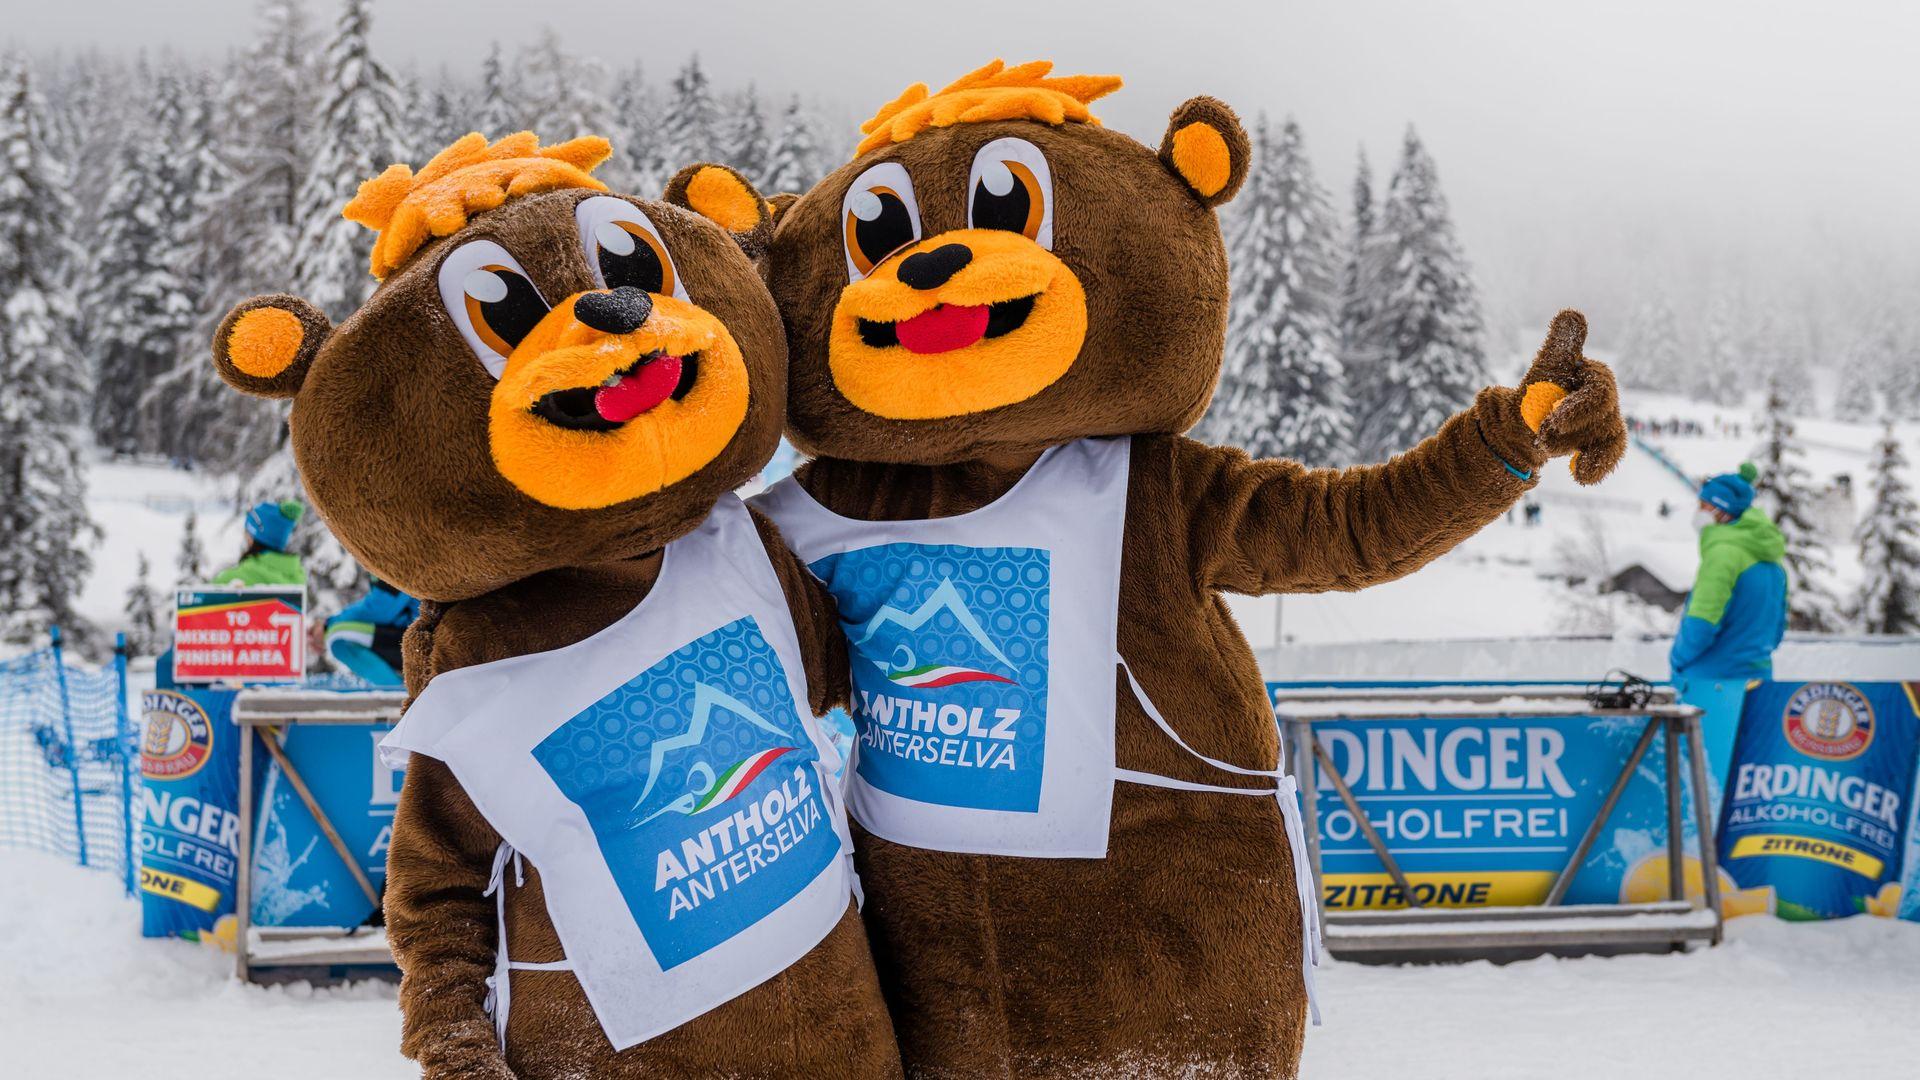 12.02.2021 - IBU announces competition calendar 2022-2026: Antholz confirmed until 2026